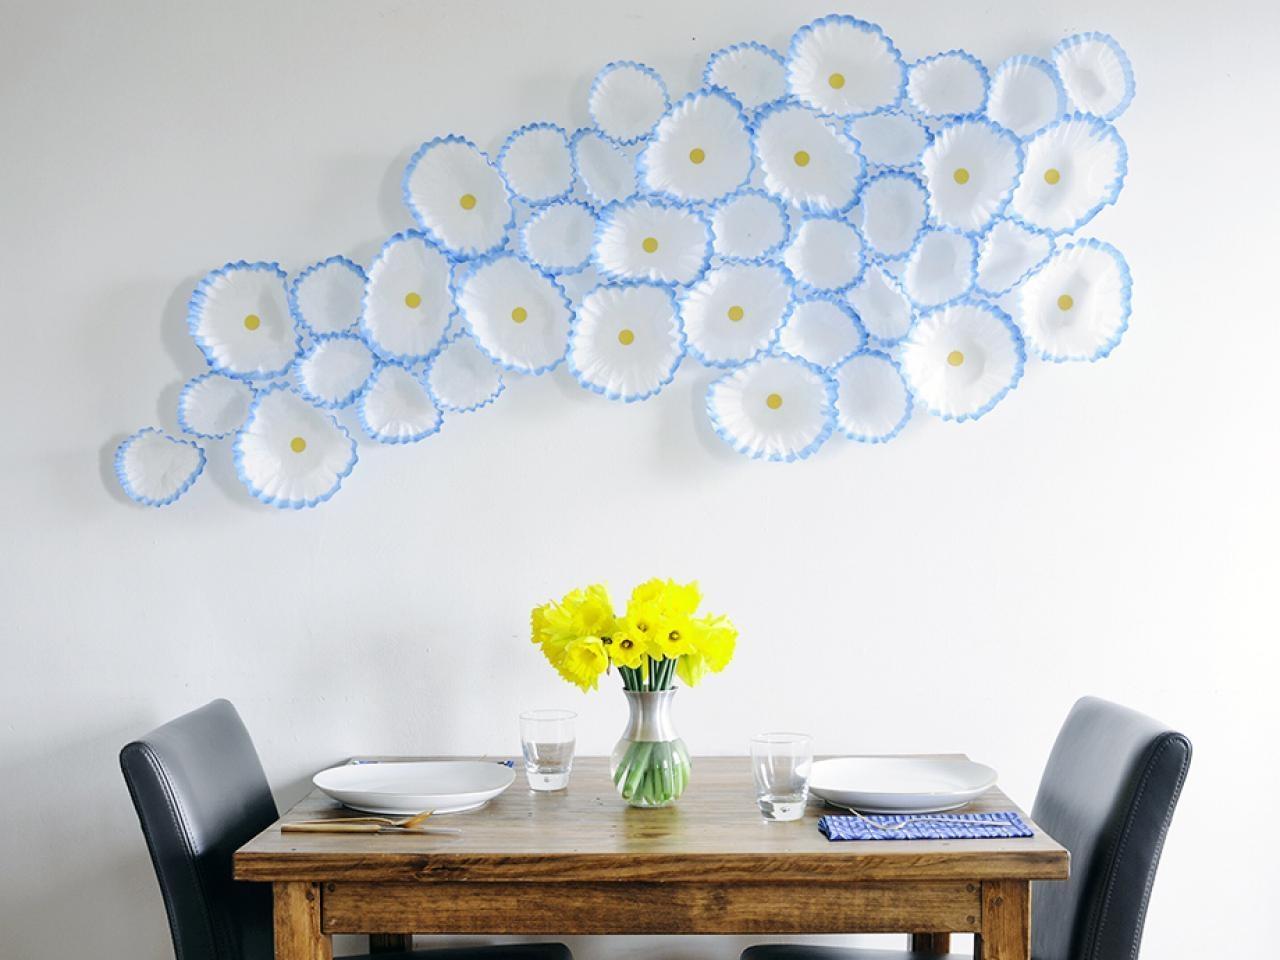 Wall Art Ideas For Living Room Diy Diy Glamorous Wall Art Ideas Within Glamorous Wall Art (Image 12 of 20)